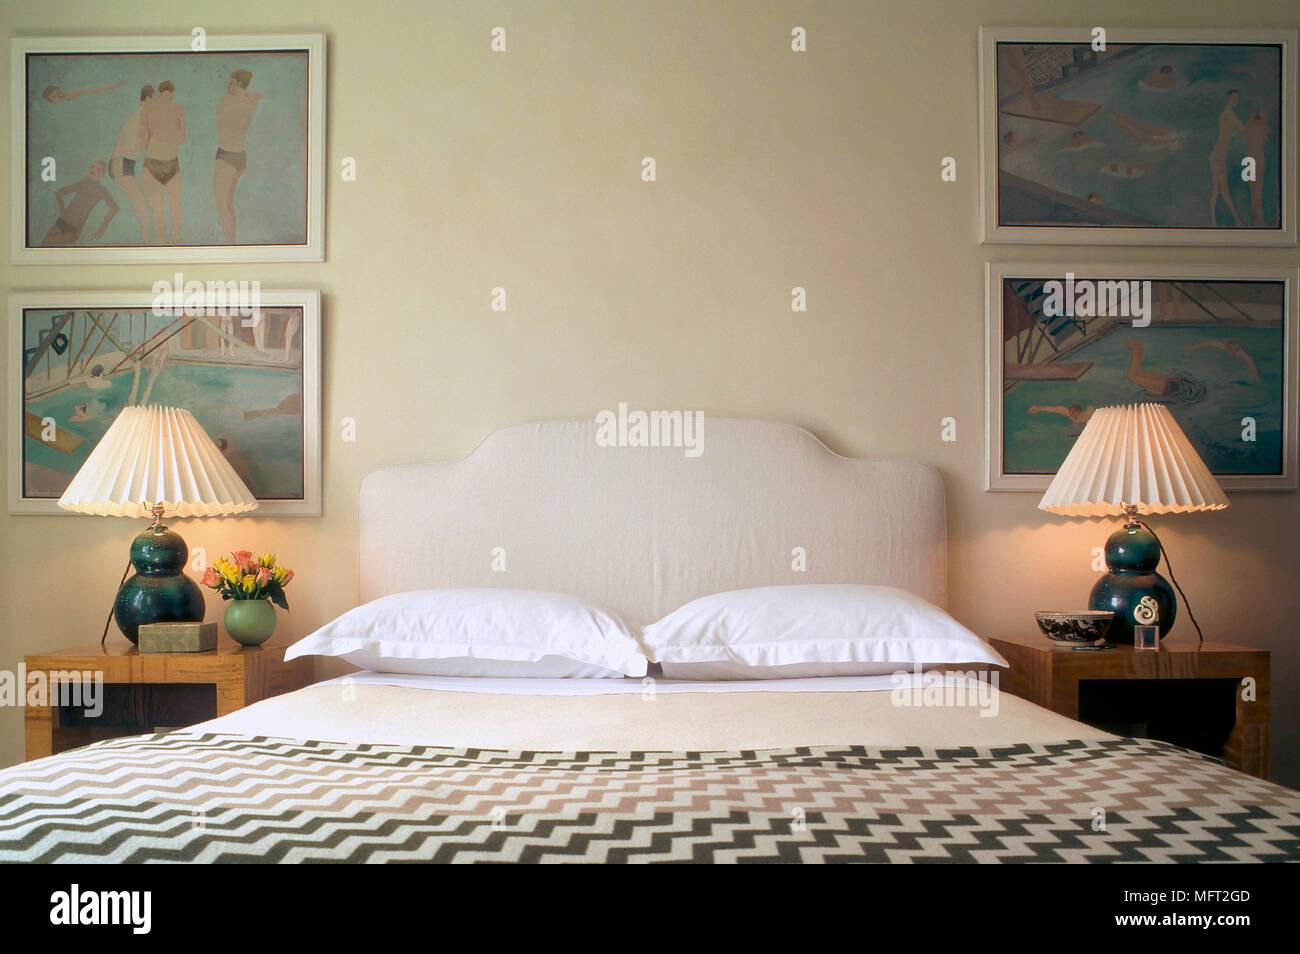 Letto Matrimoniale Giallo : Un tradizionale giallo camera da letto matrimoniale con testata